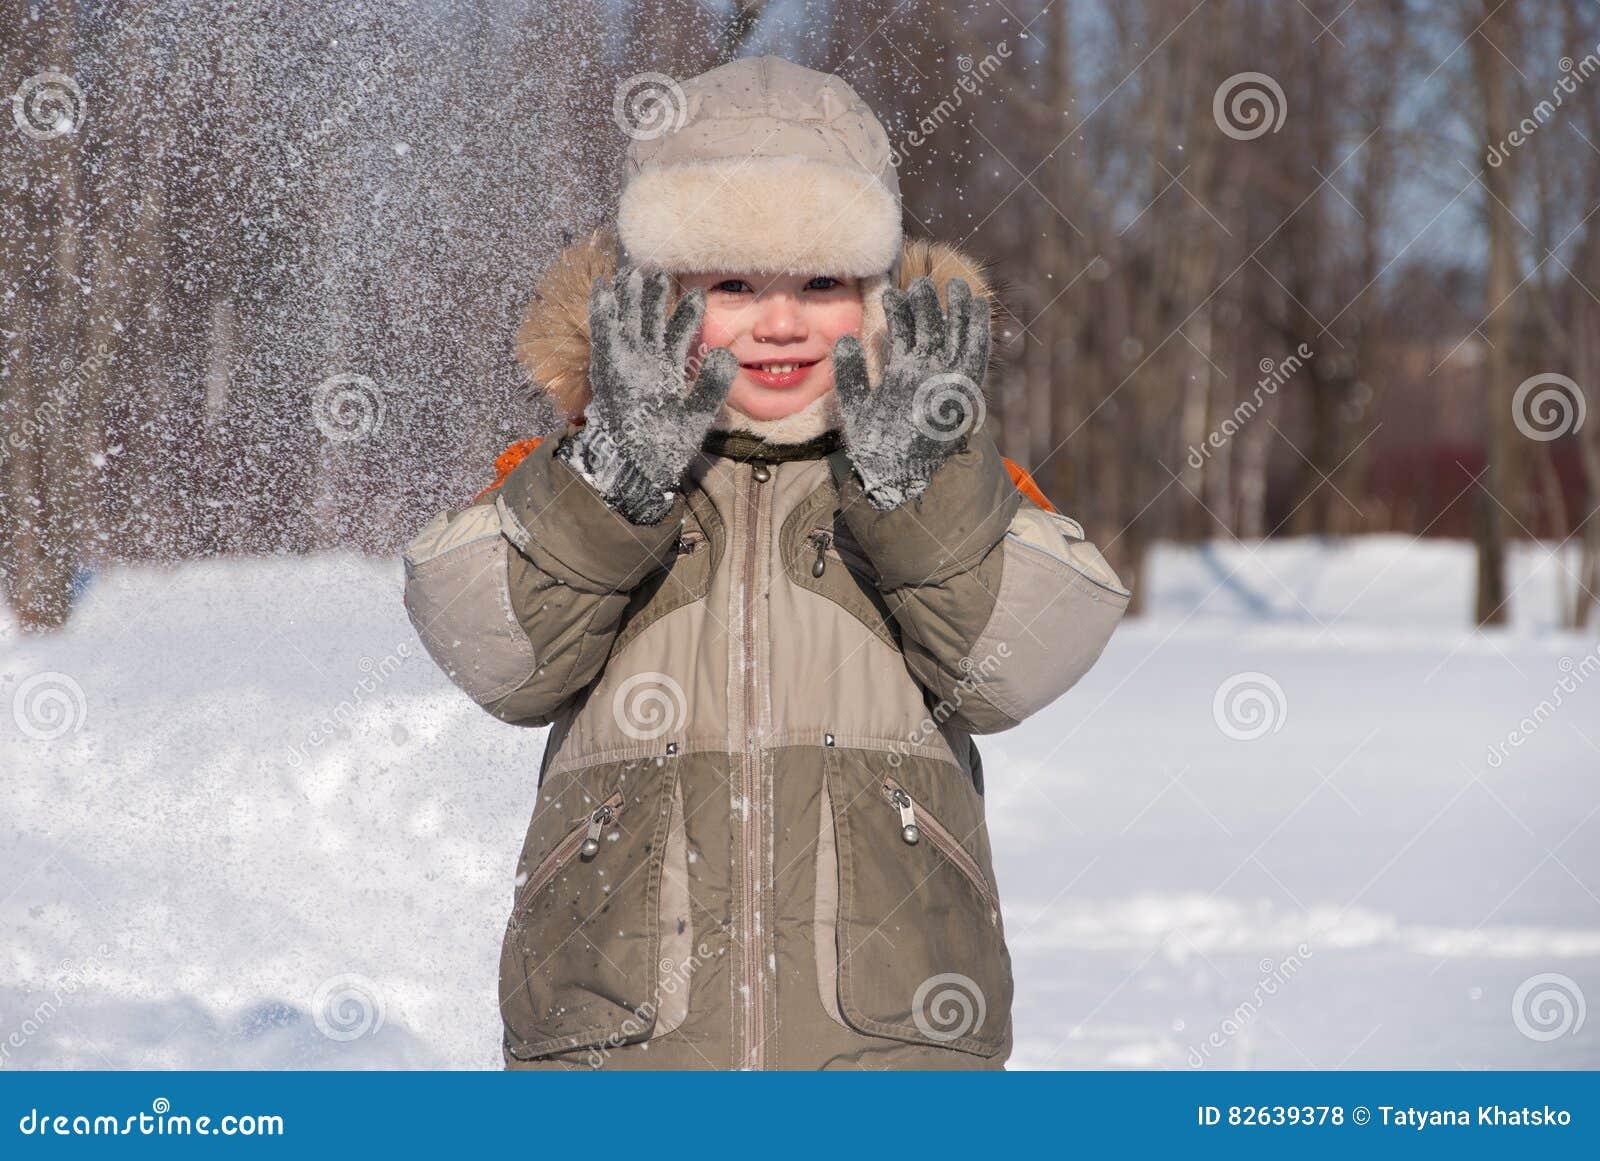 小男孩获得乐趣在雪